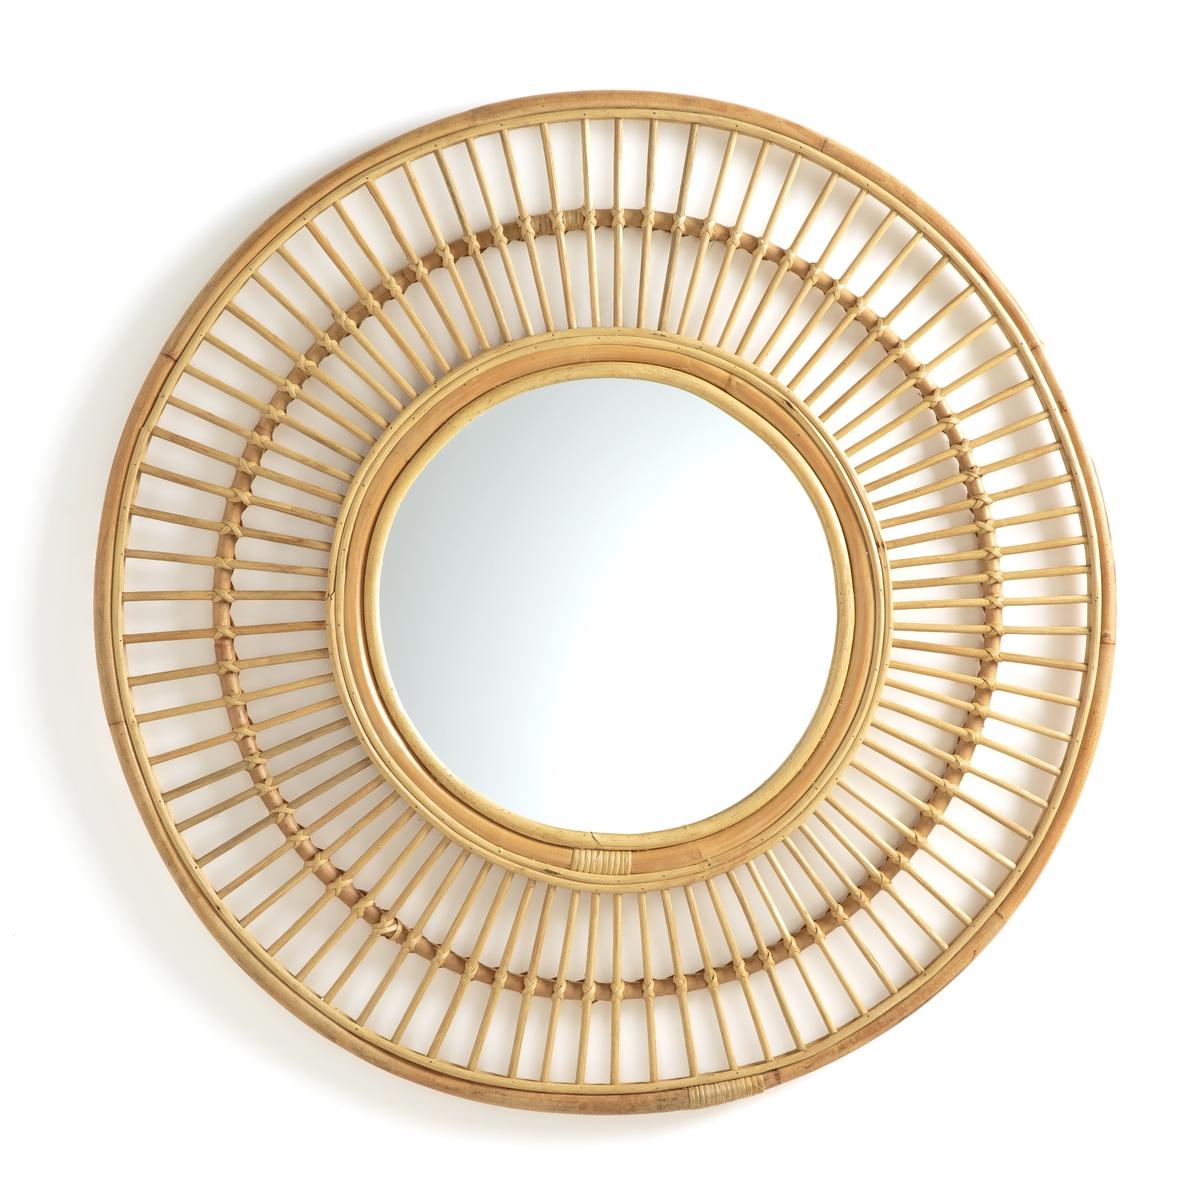 цена Зеркало La Redoute Круглое из ротанга см Nogu единый размер бежевый онлайн в 2017 году